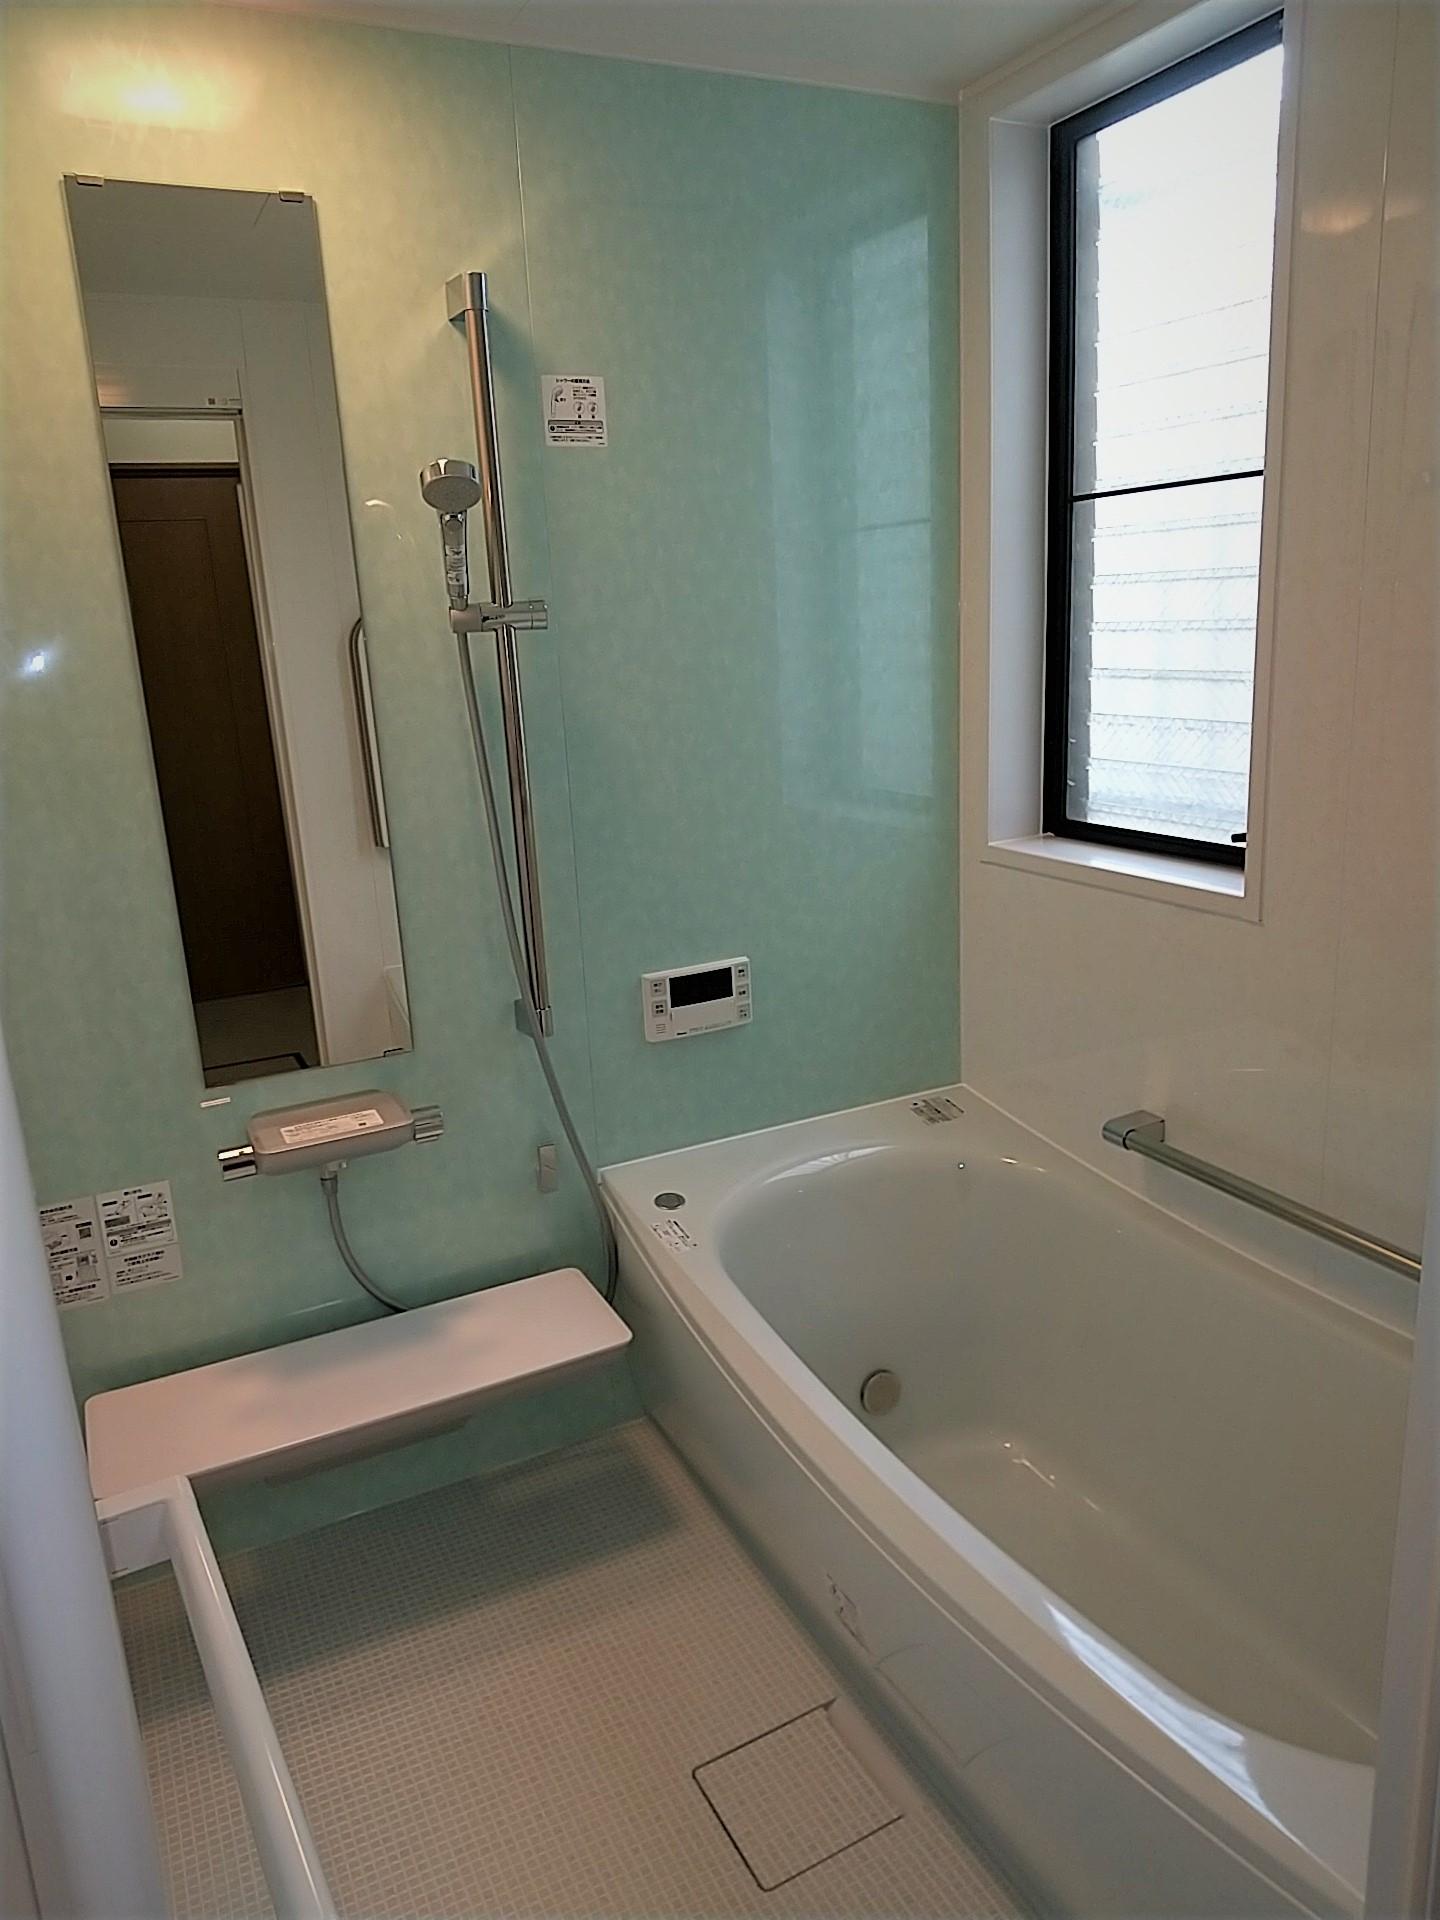 新しい壁柄で、清涼感のあるお風呂へと一新!